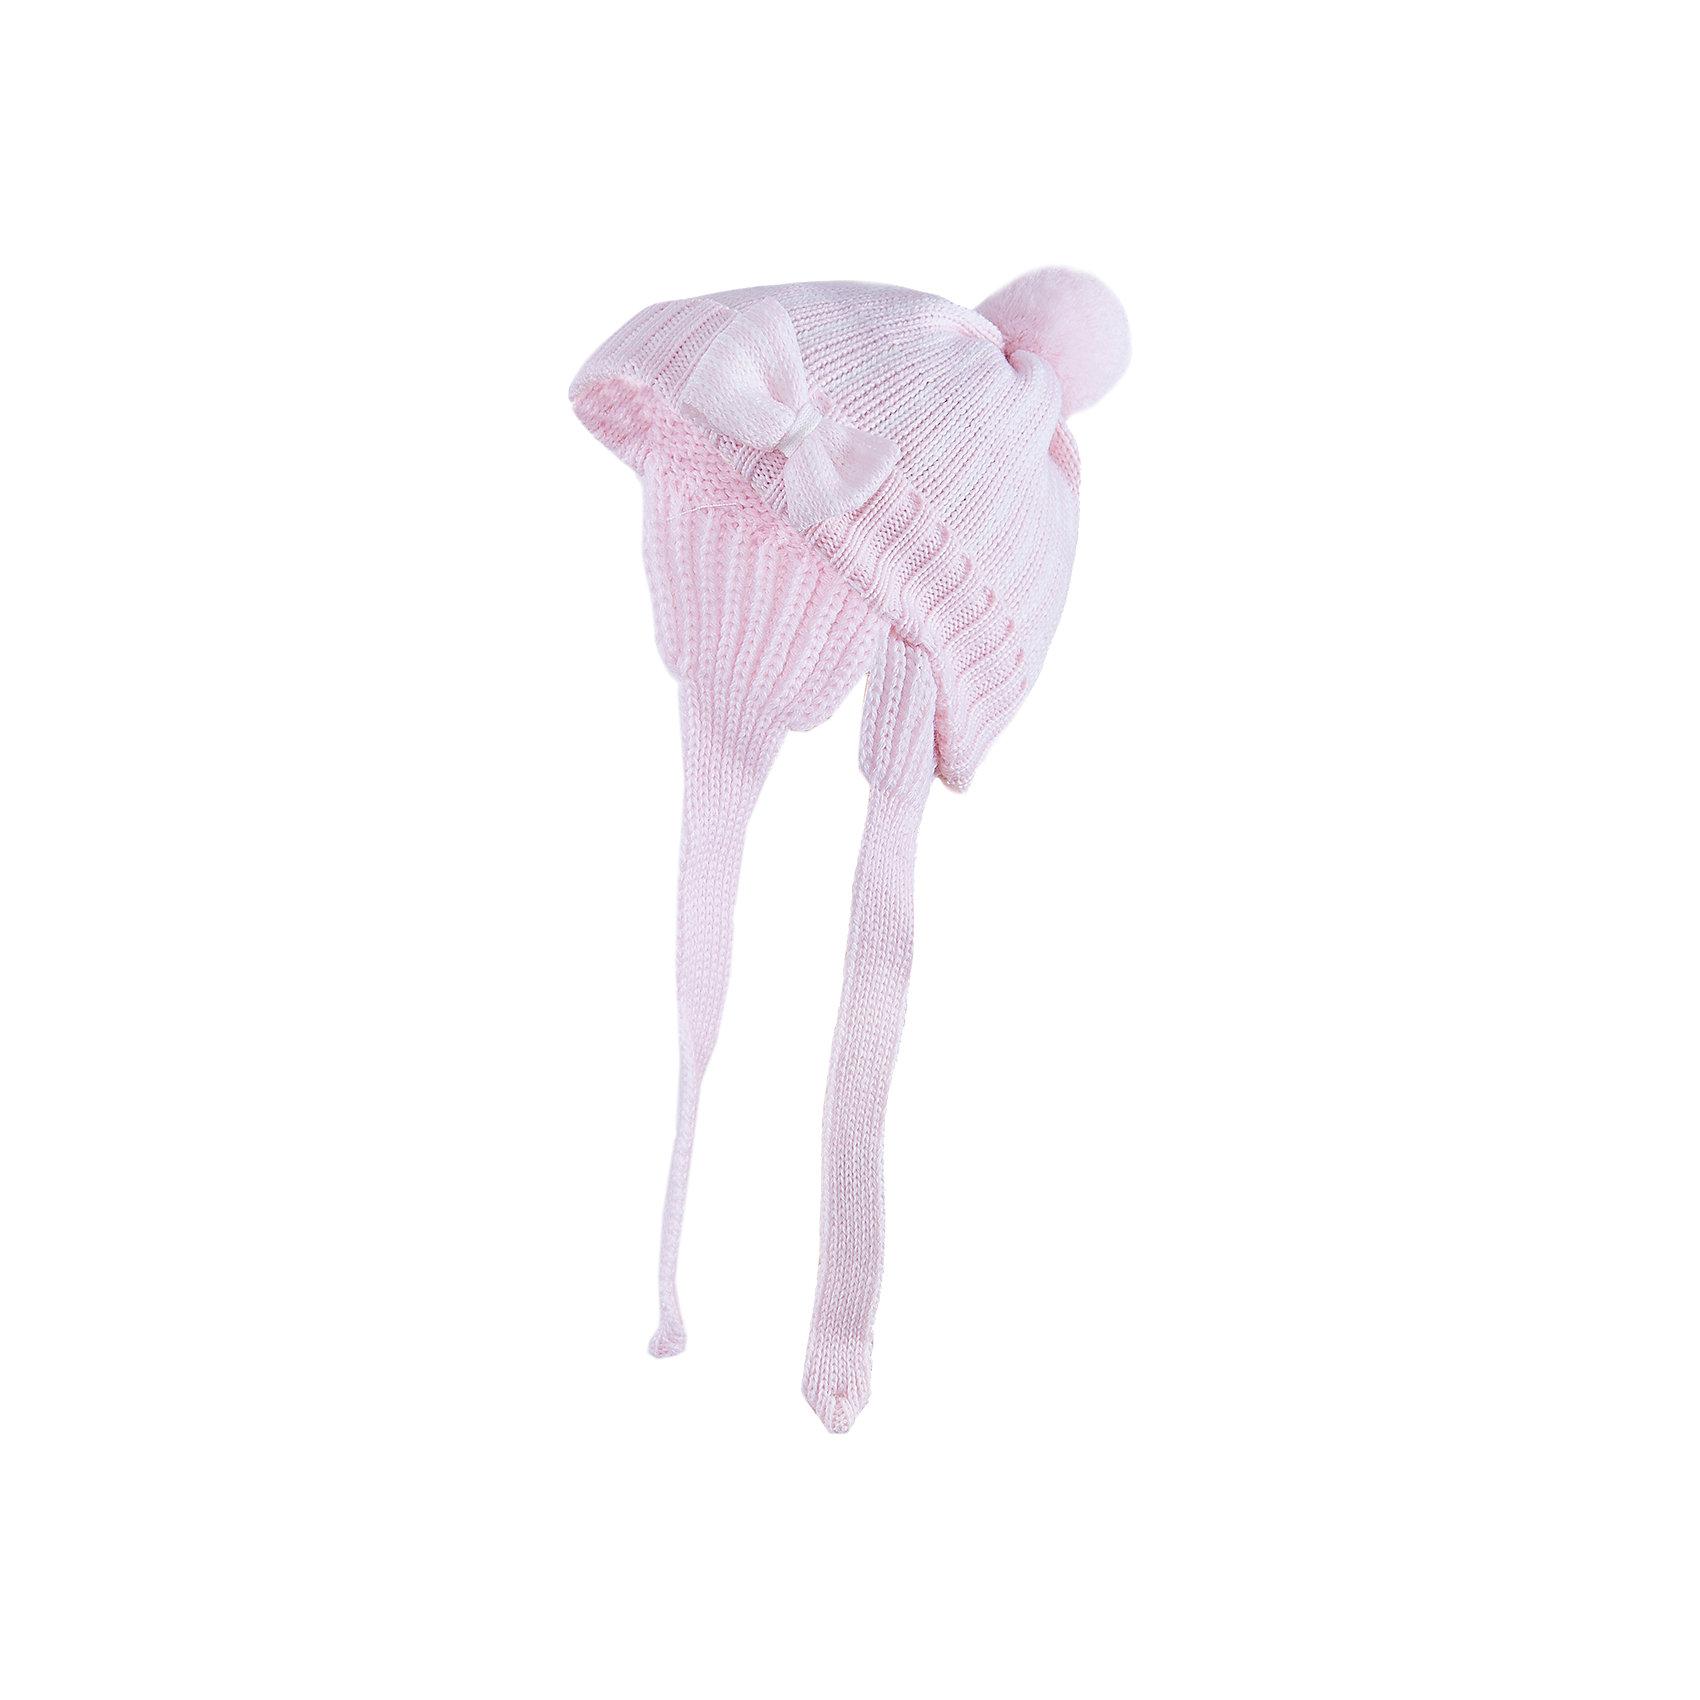 Шапка для девочки АртельГоловные уборы<br>Шапка для девочки от торговой марки Артель <br><br>Удобная и модная шапка отлично смотрится на детях и комфортно сидит. Изделие выполнено из натуральной шерсти. Отличный вариант для переменной погоды межсезонья! <br>Одежда от бренда Артель – это высокое качество по приемлемой цене и всегда продуманный дизайн. <br><br>Особенности модели: <br>- цвет — розовый; <br>- украшена бантом; <br>- есть завязки и бомбошка; <br>- натуральная шерсть. <br><br>Дополнительная информация: <br><br>Состав: 100% шерсть.<br><br><br>Температурный режим: <br>от -10 °C до +10 °C <br><br>Шапку для девочки Артель (Artel) можно купить в нашем магазине.<br><br>Ширина мм: 89<br>Глубина мм: 117<br>Высота мм: 44<br>Вес г: 155<br>Цвет: розовый<br>Возраст от месяцев: 4<br>Возраст до месяцев: 6<br>Пол: Женский<br>Возраст: Детский<br>Размер: 44,48,52,50,46<br>SKU: 4500546